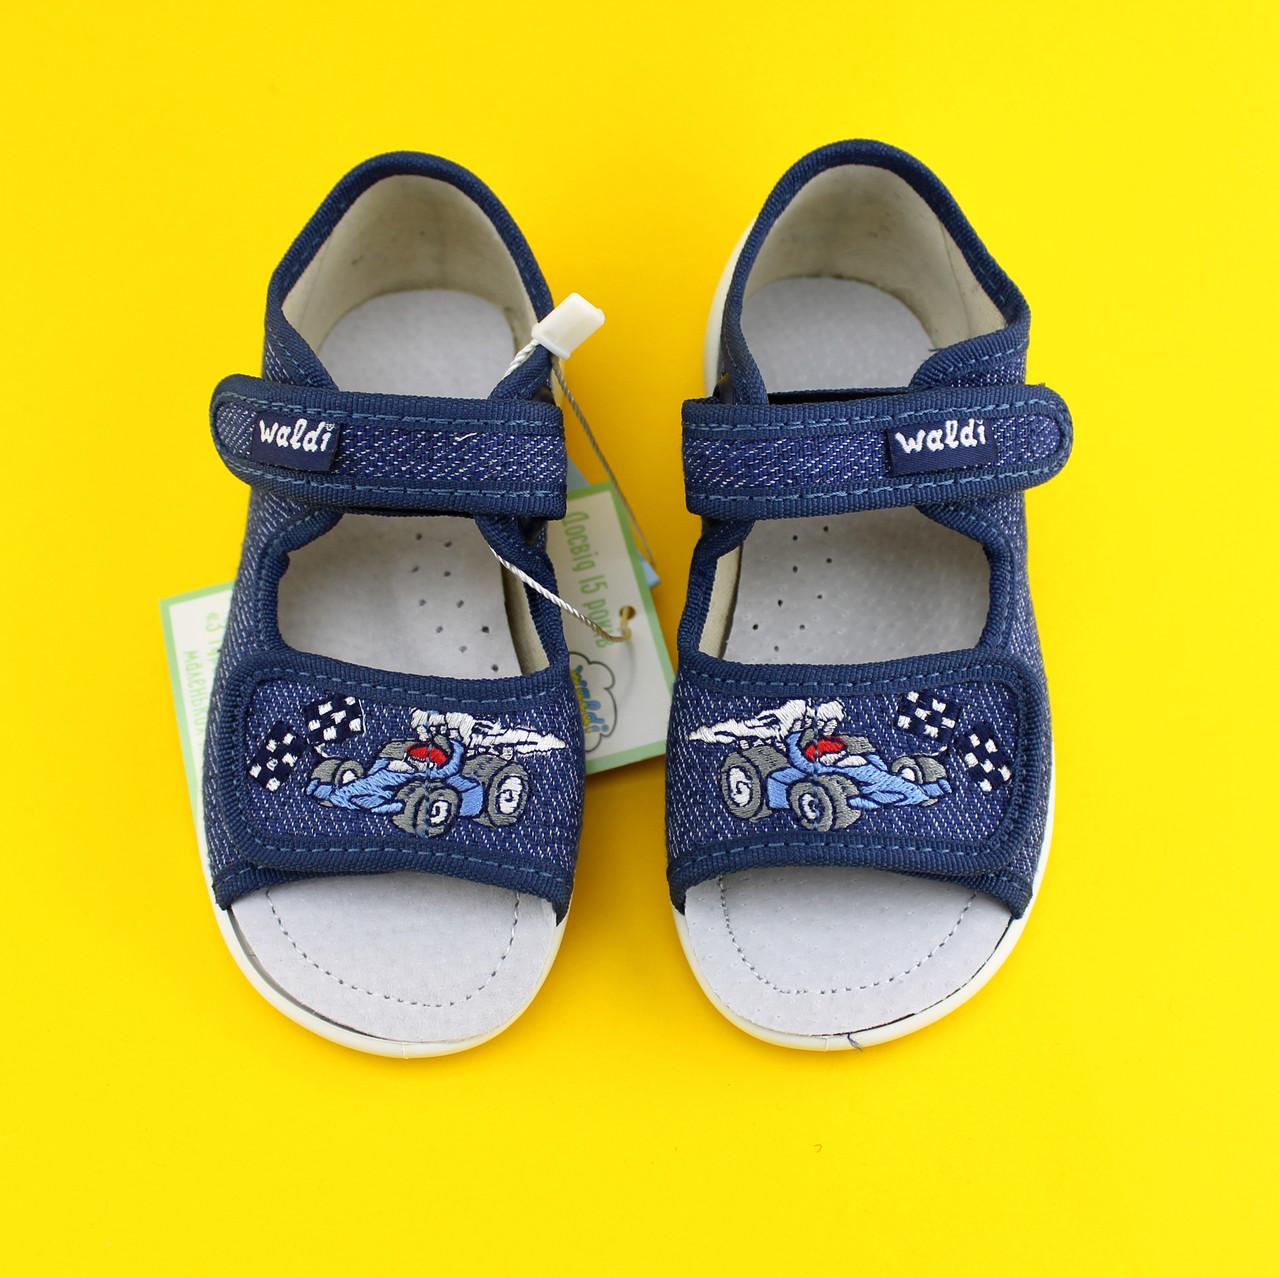 Текстильные босоножки на мальчика Waldi синие с машинкой р.25,29